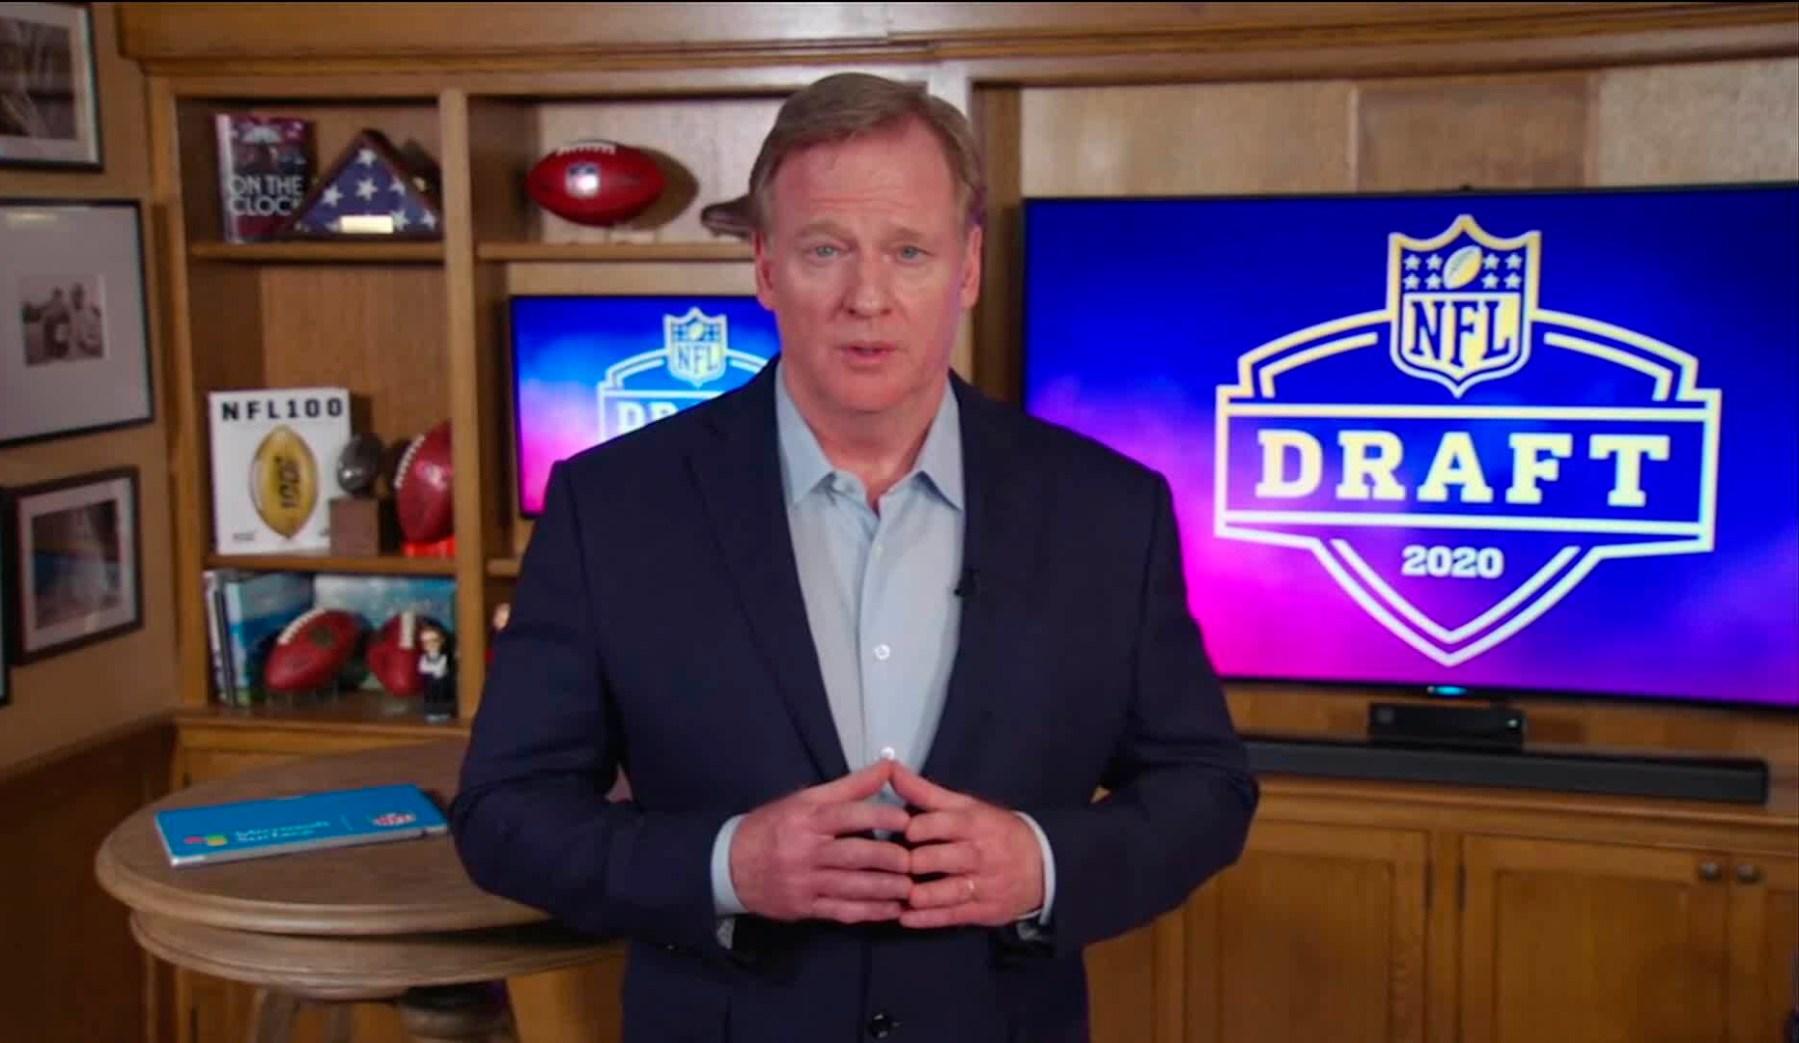 NFL Draft Goodell